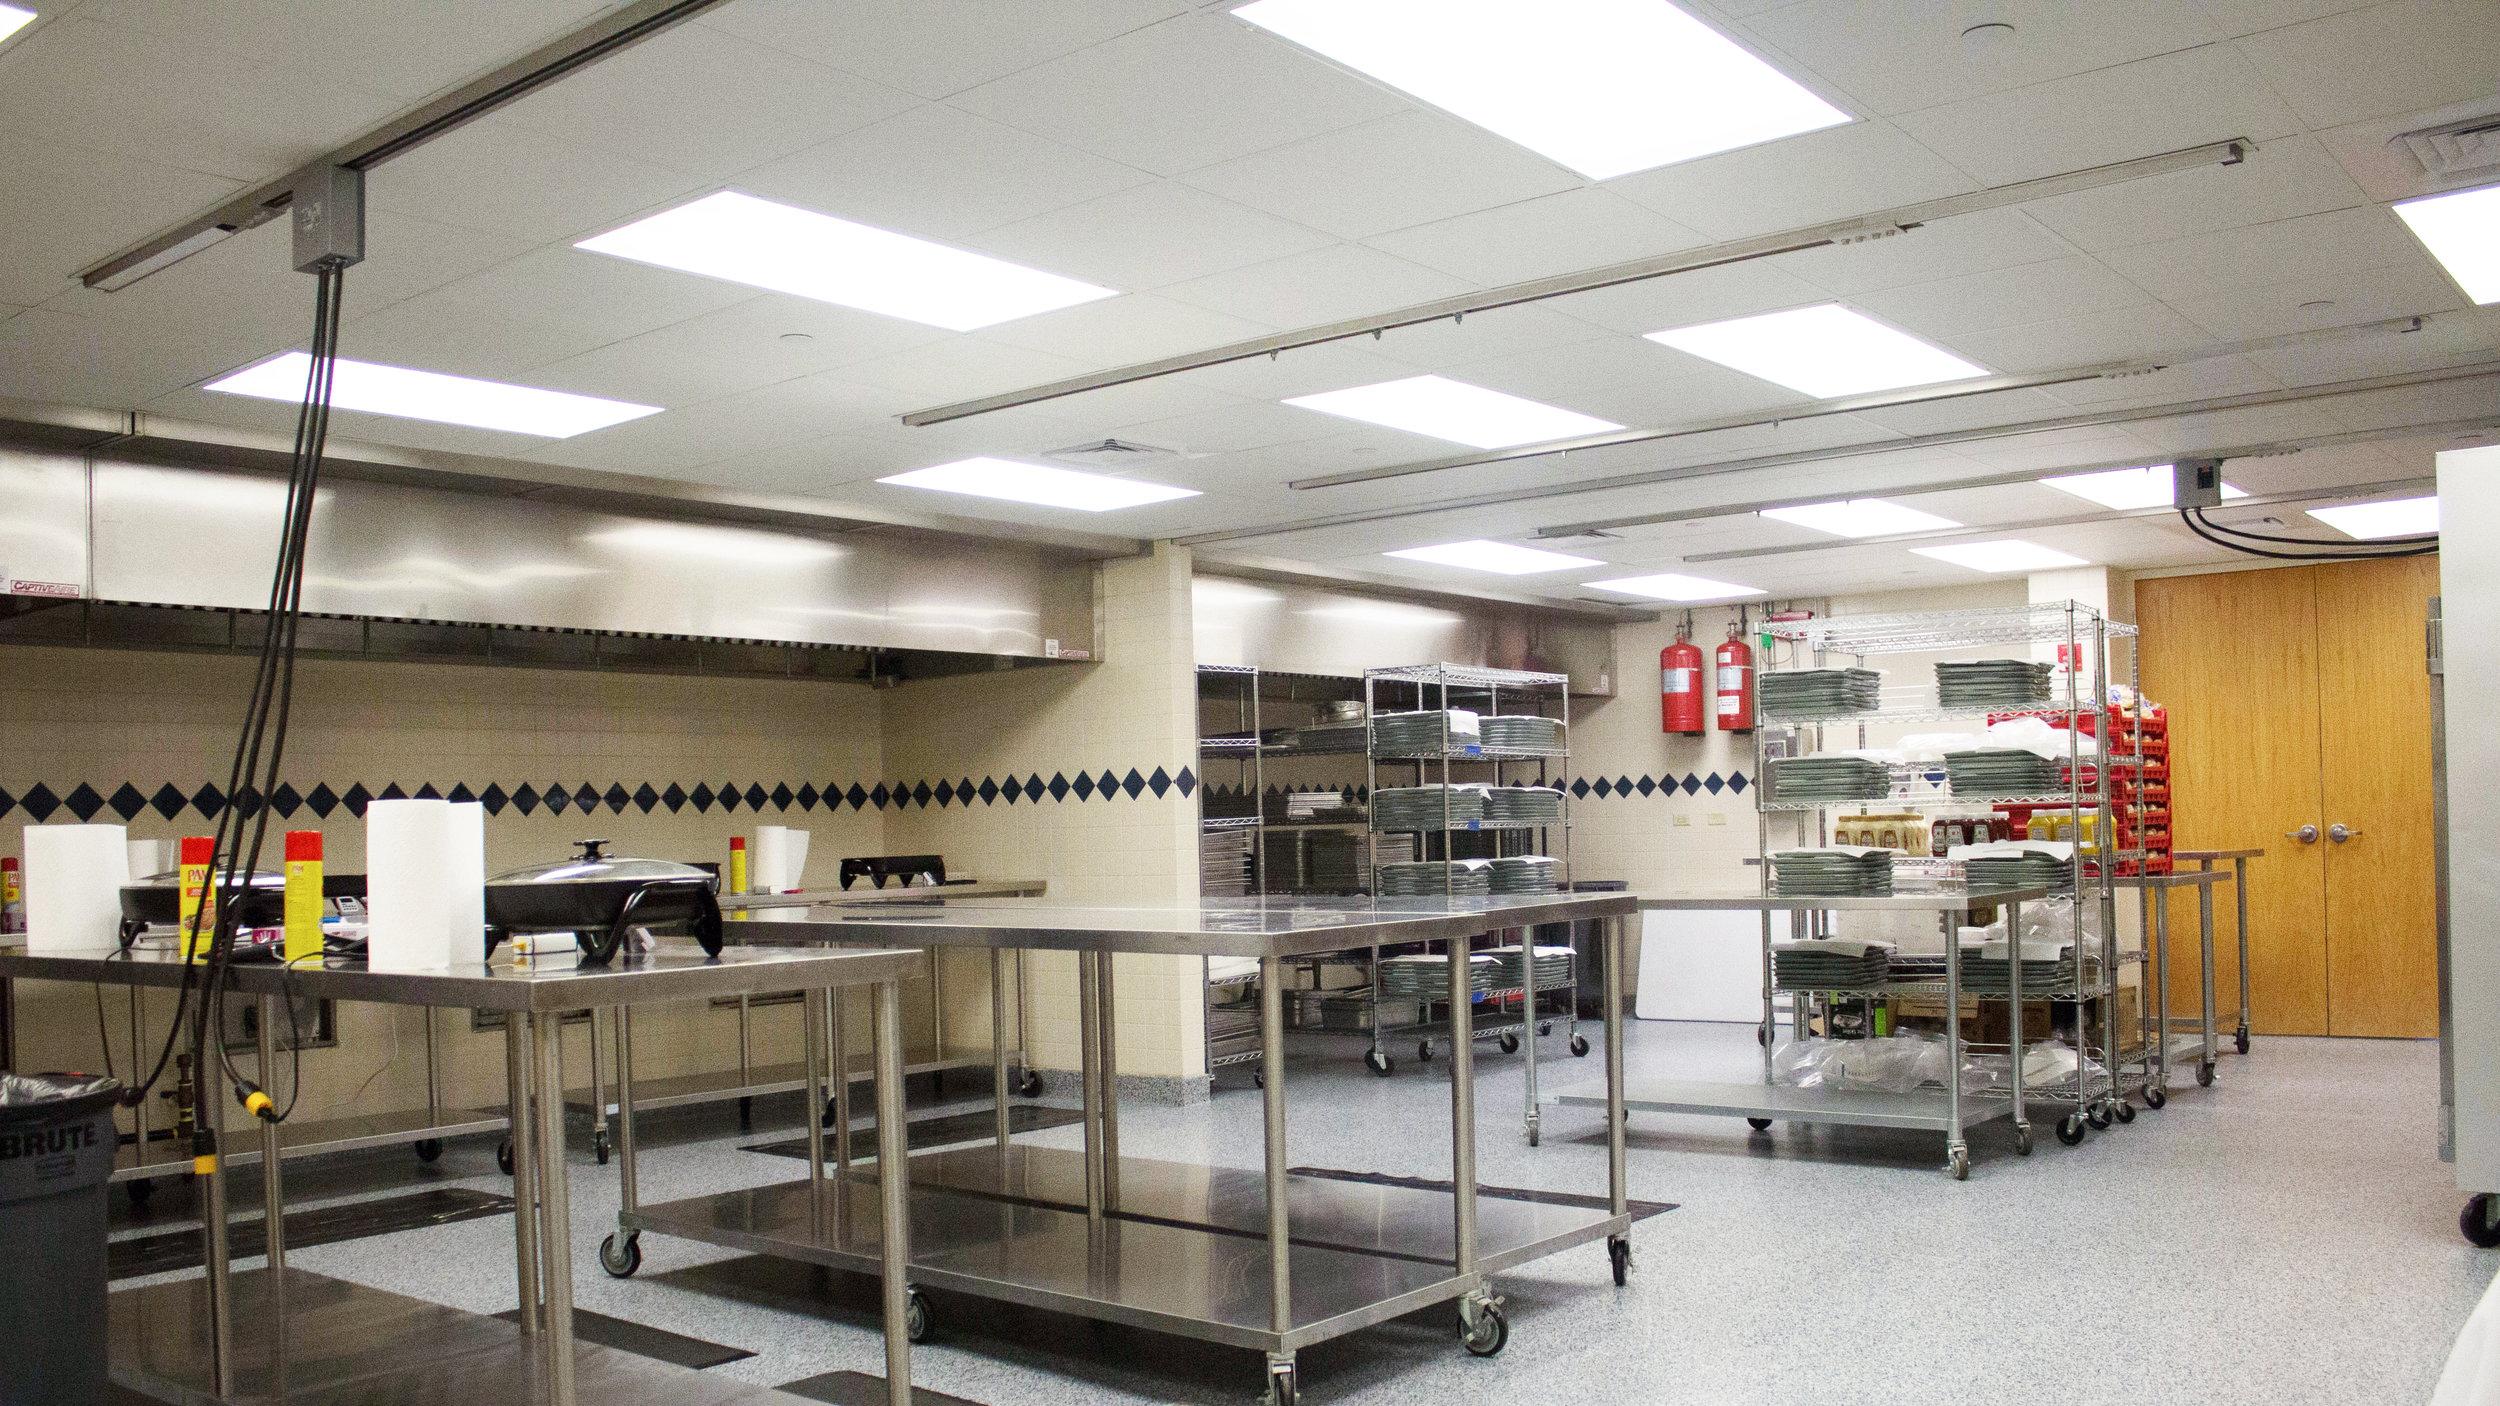 Facility_009.jpg